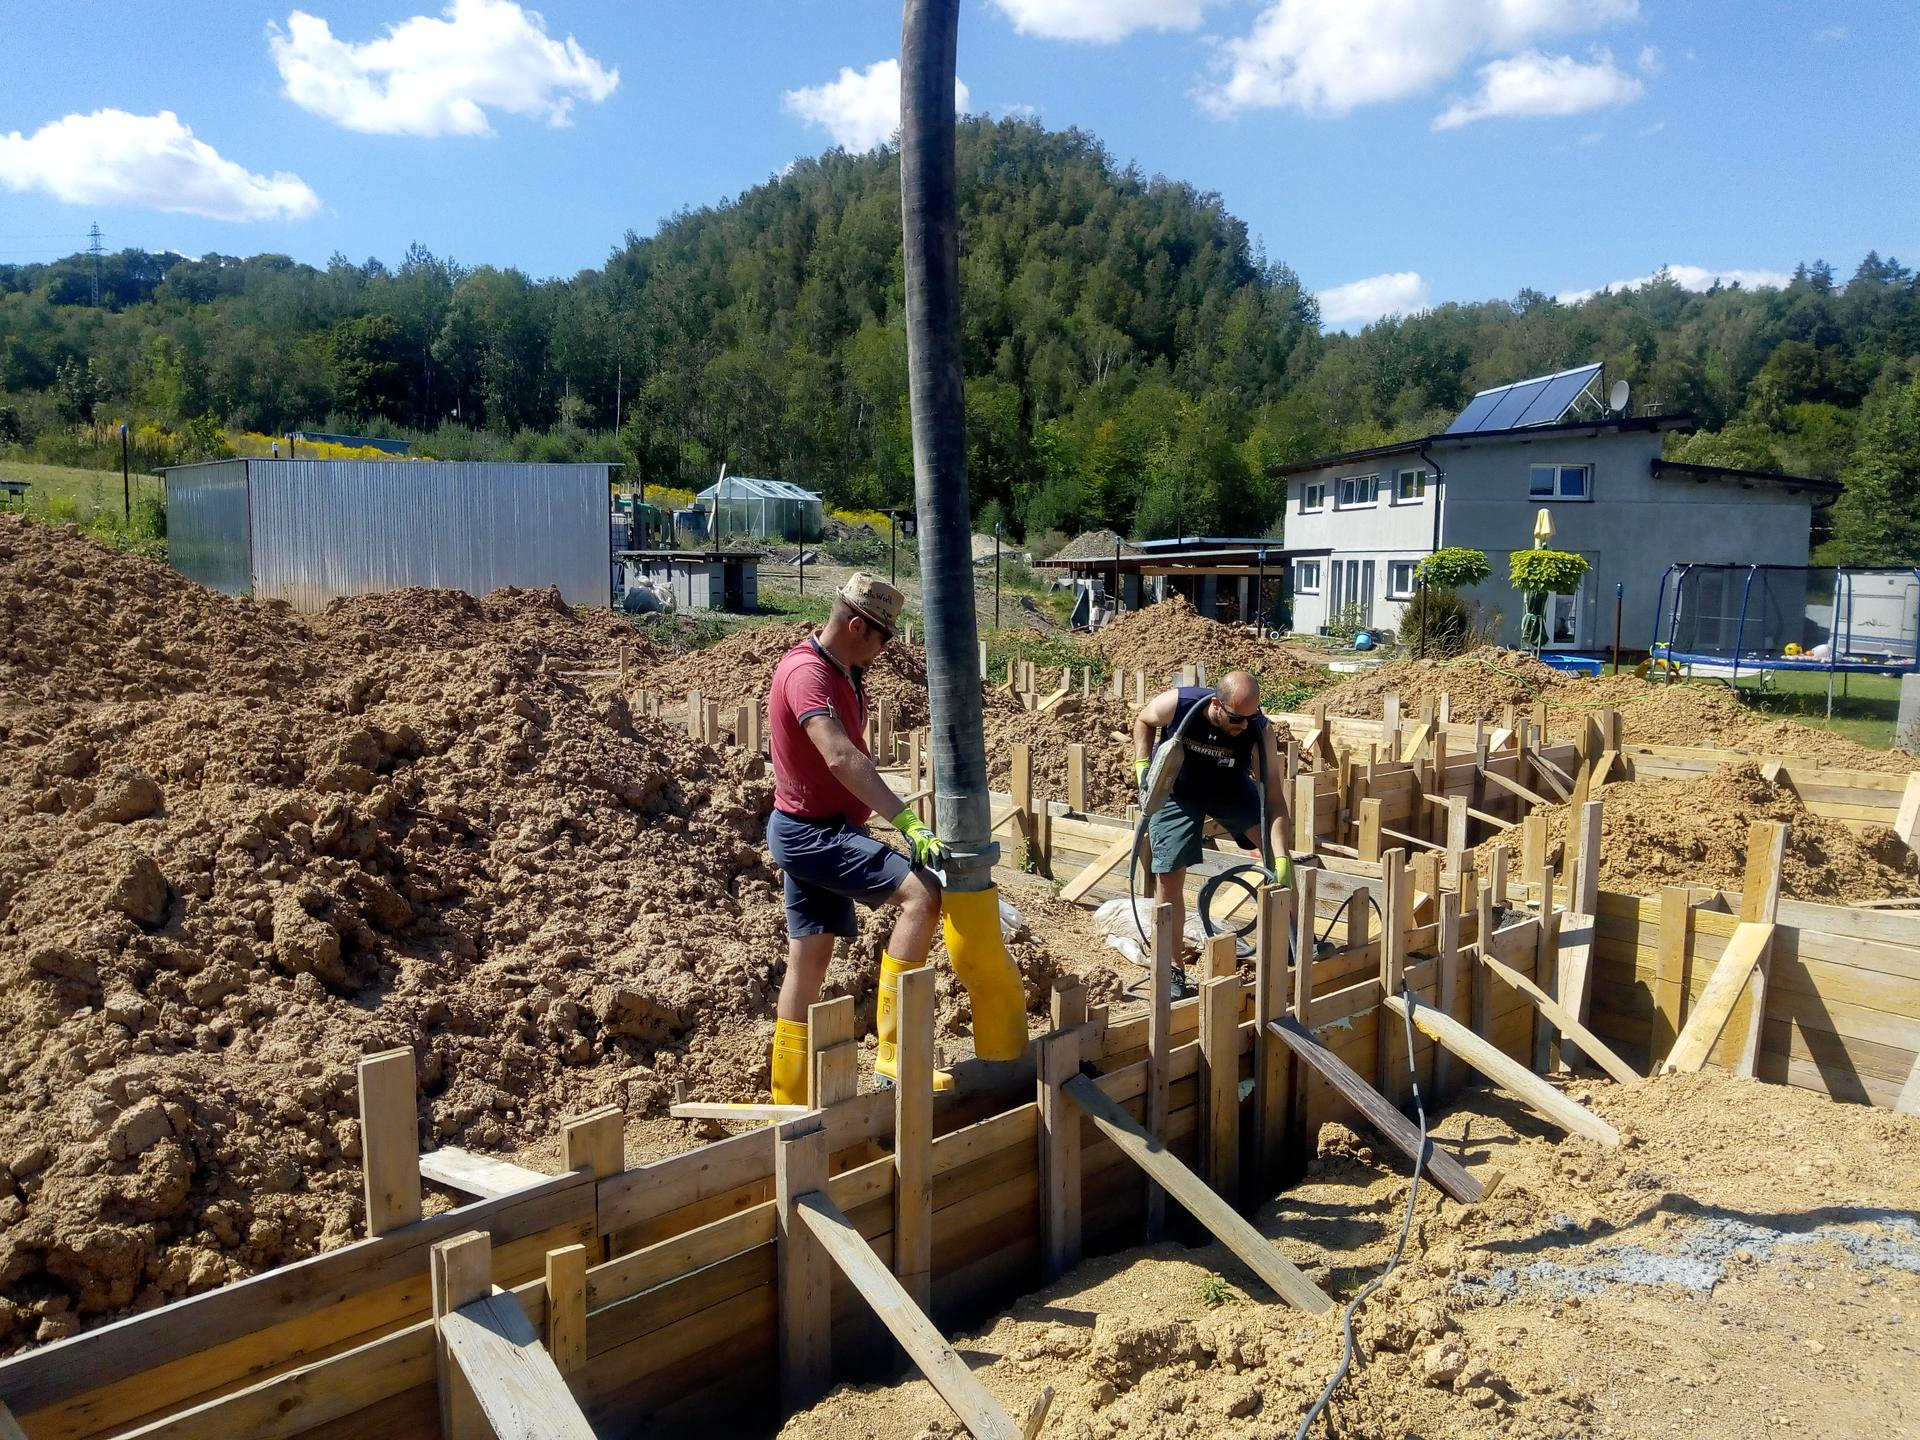 Příprava pozemku, bednění, základy, opěrka, bouda, plot - Obrázek č. 11